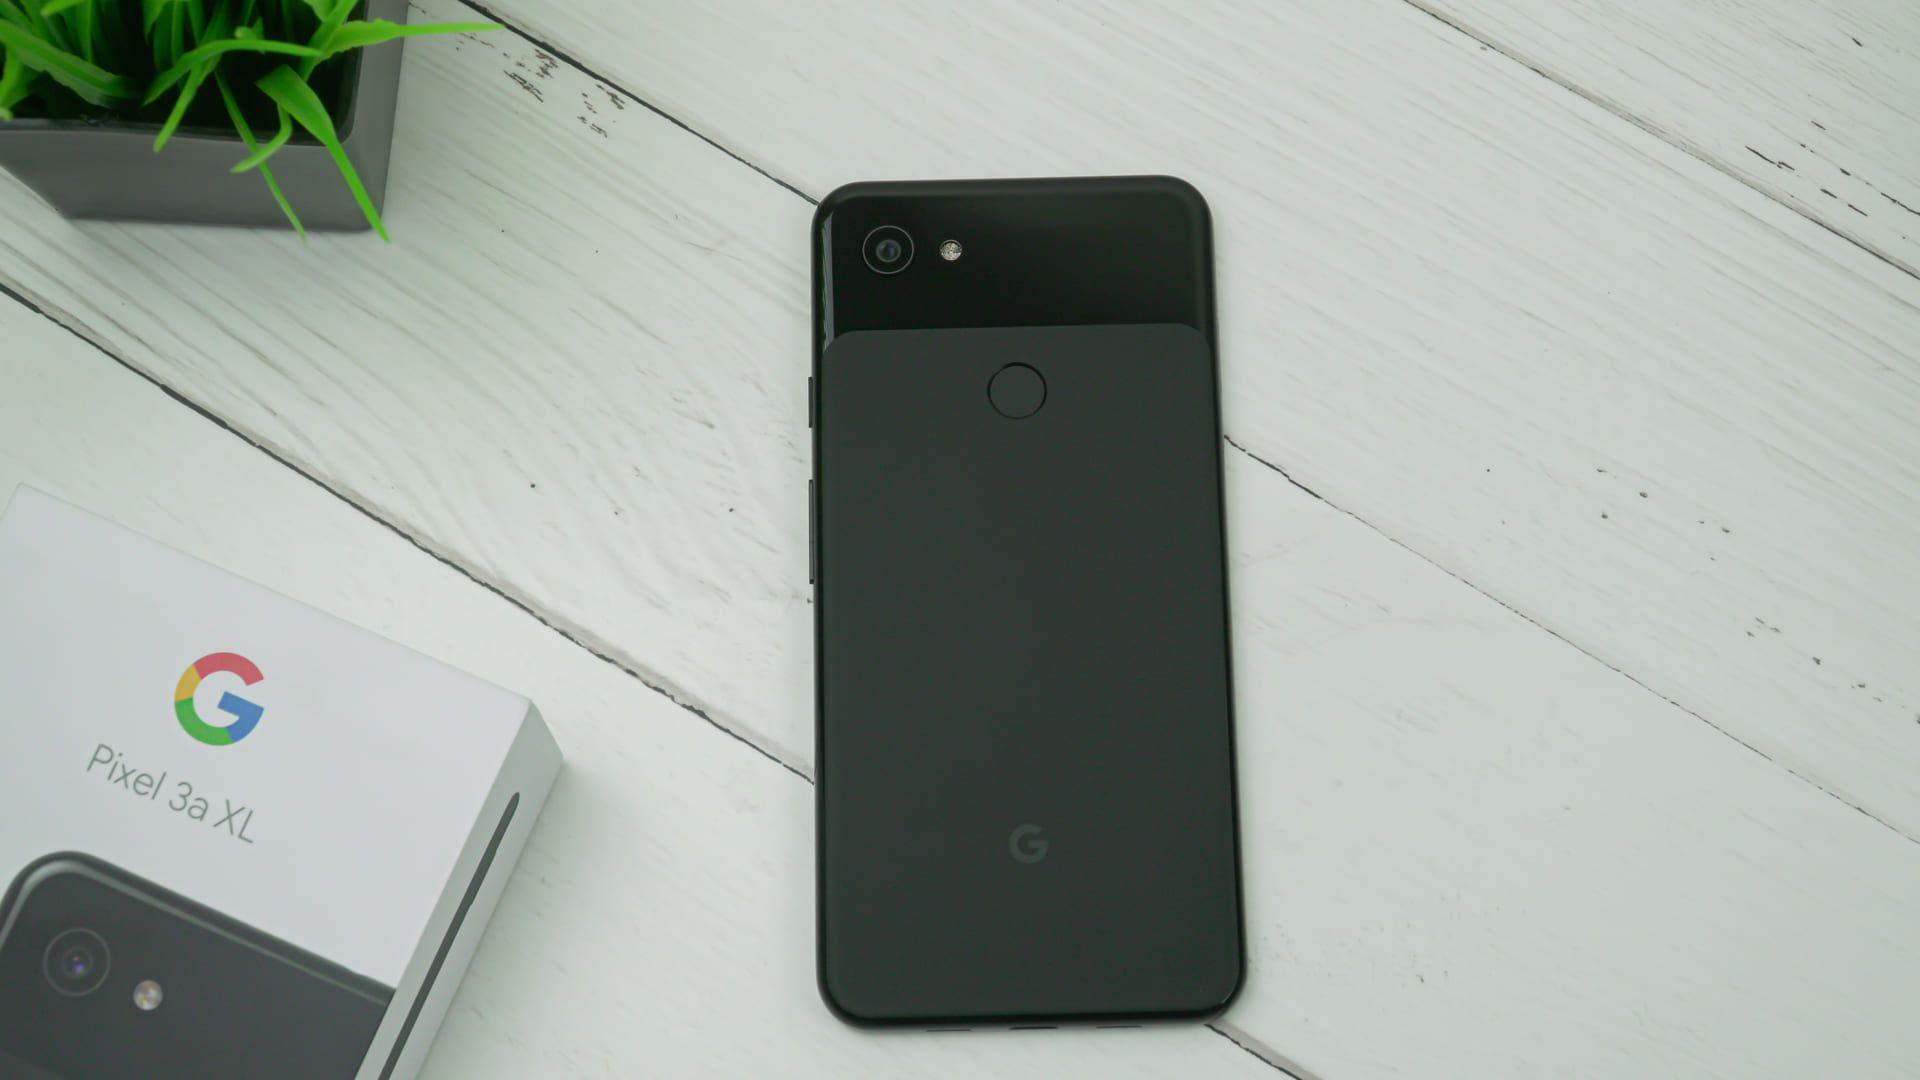 O Google Pixel 3a possui tela OLED e câmera com estabilização óptica. (Foto: Shutterstock)